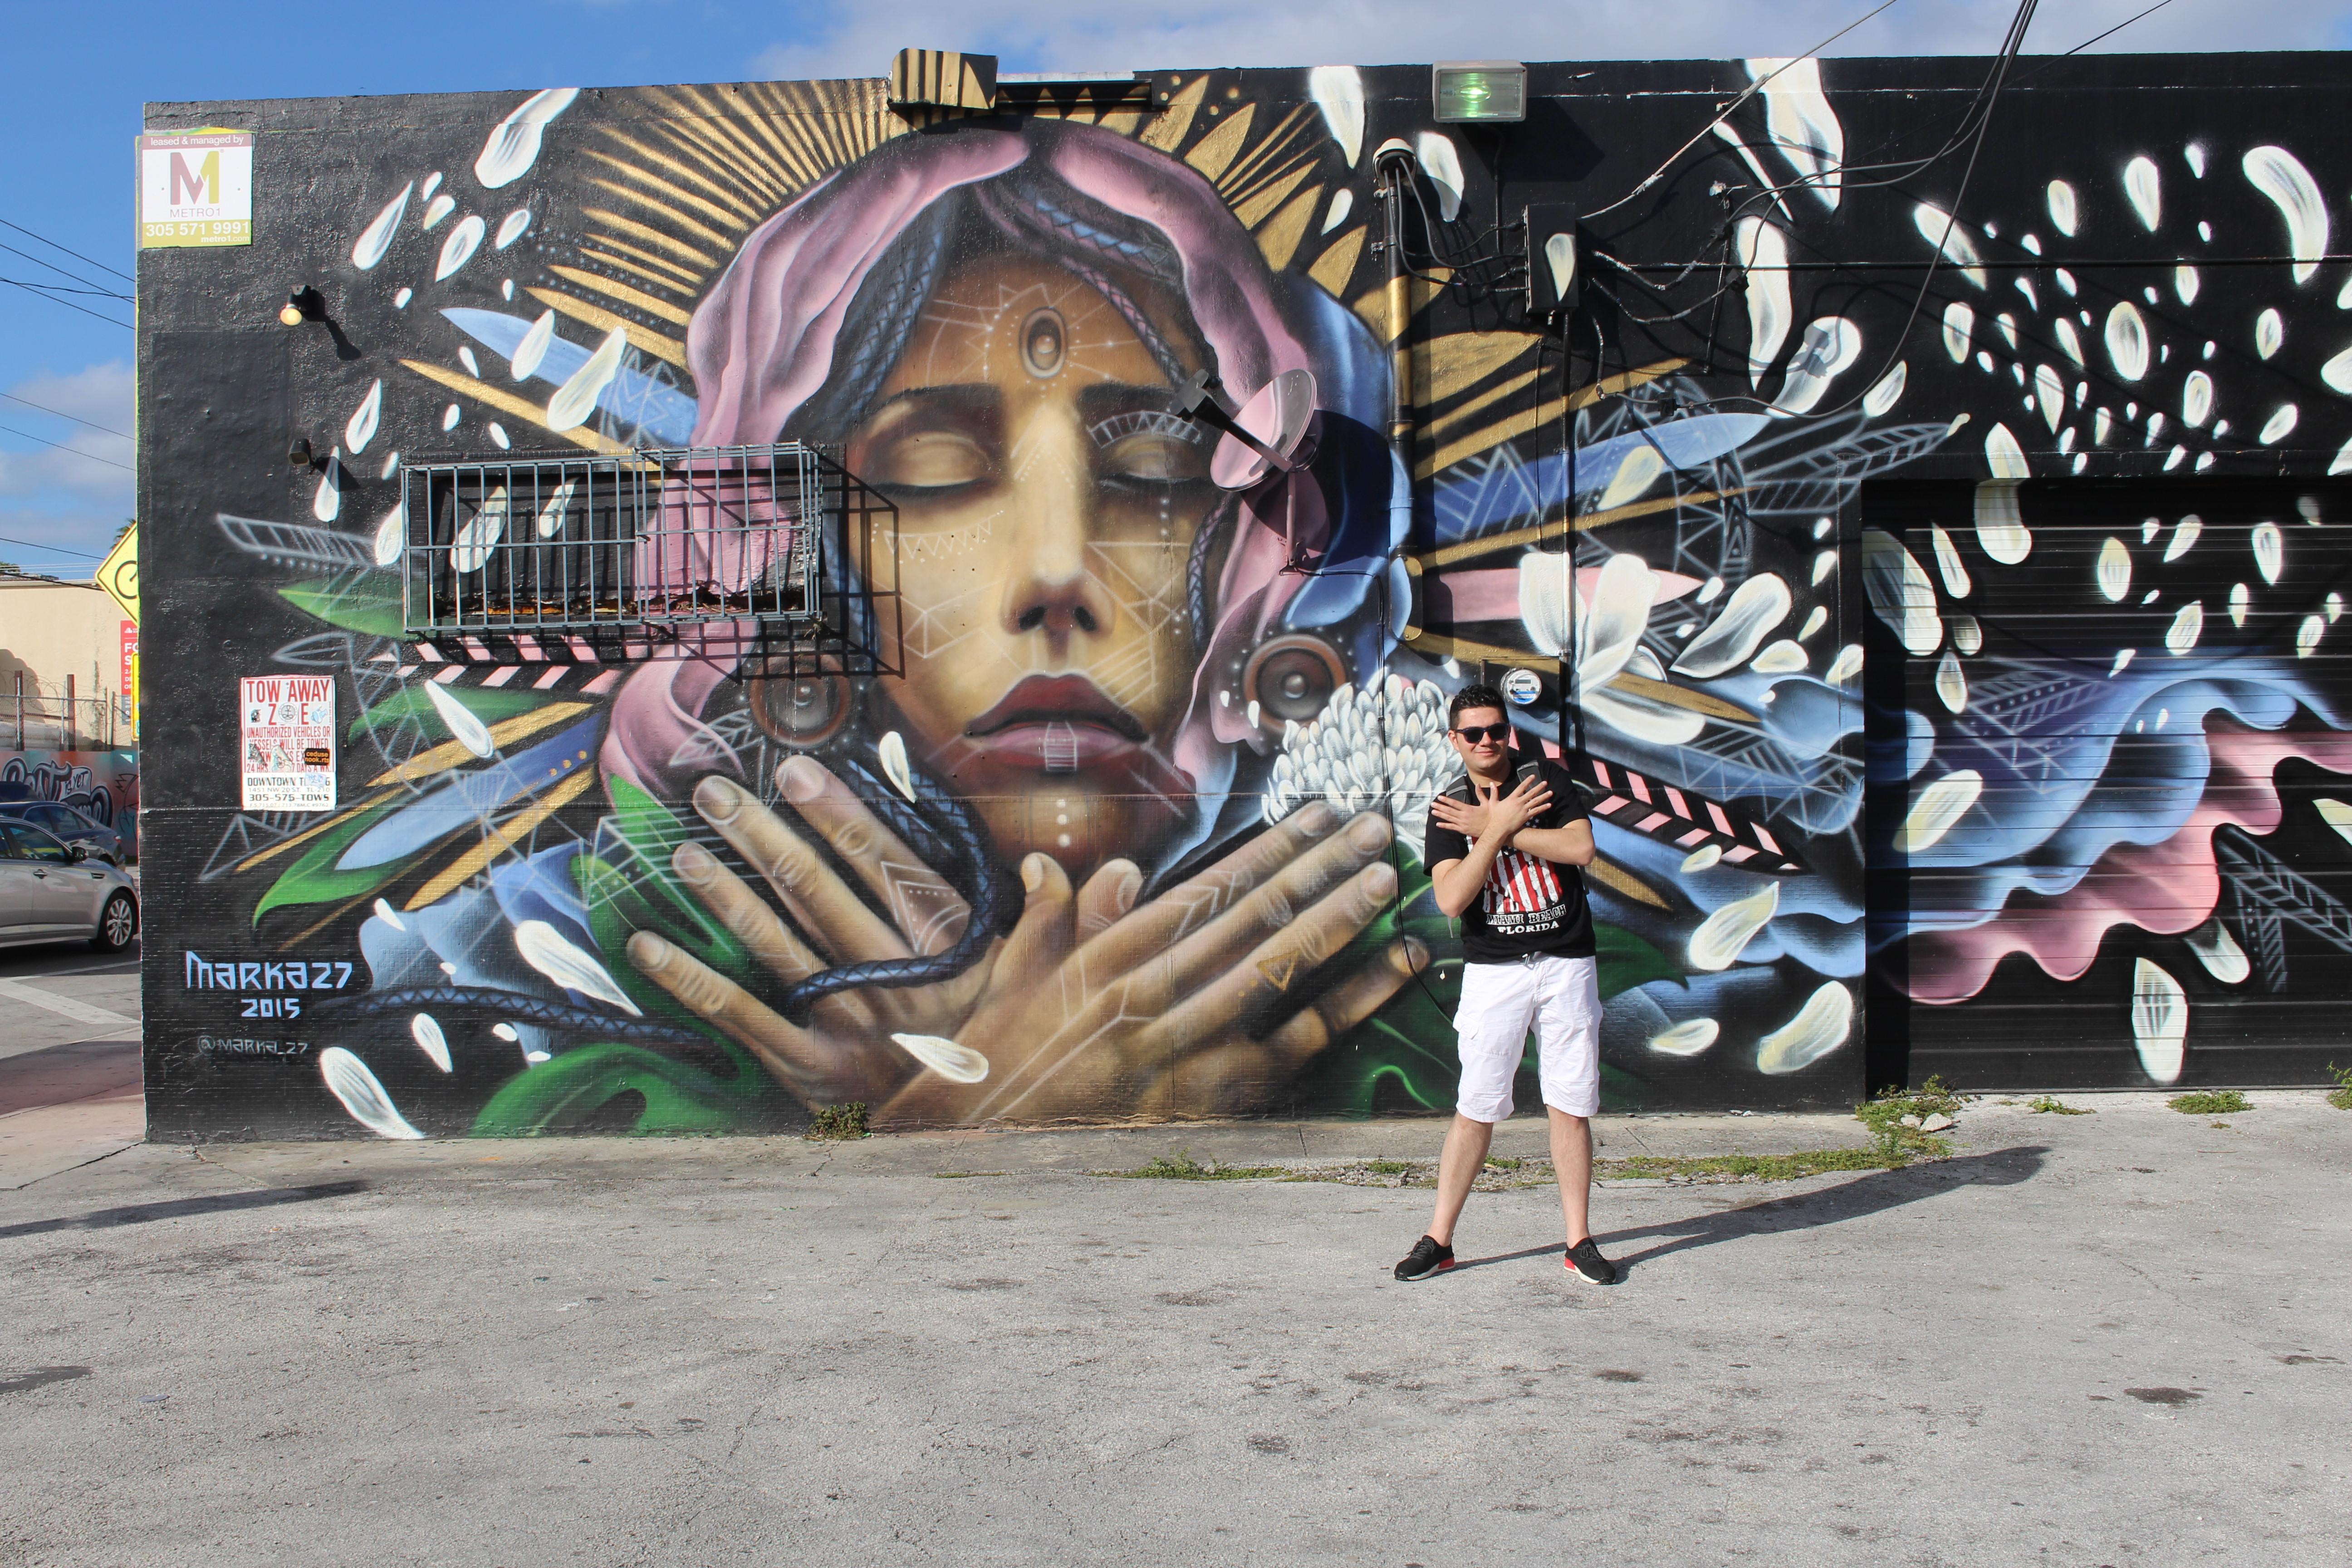 USA. Miami